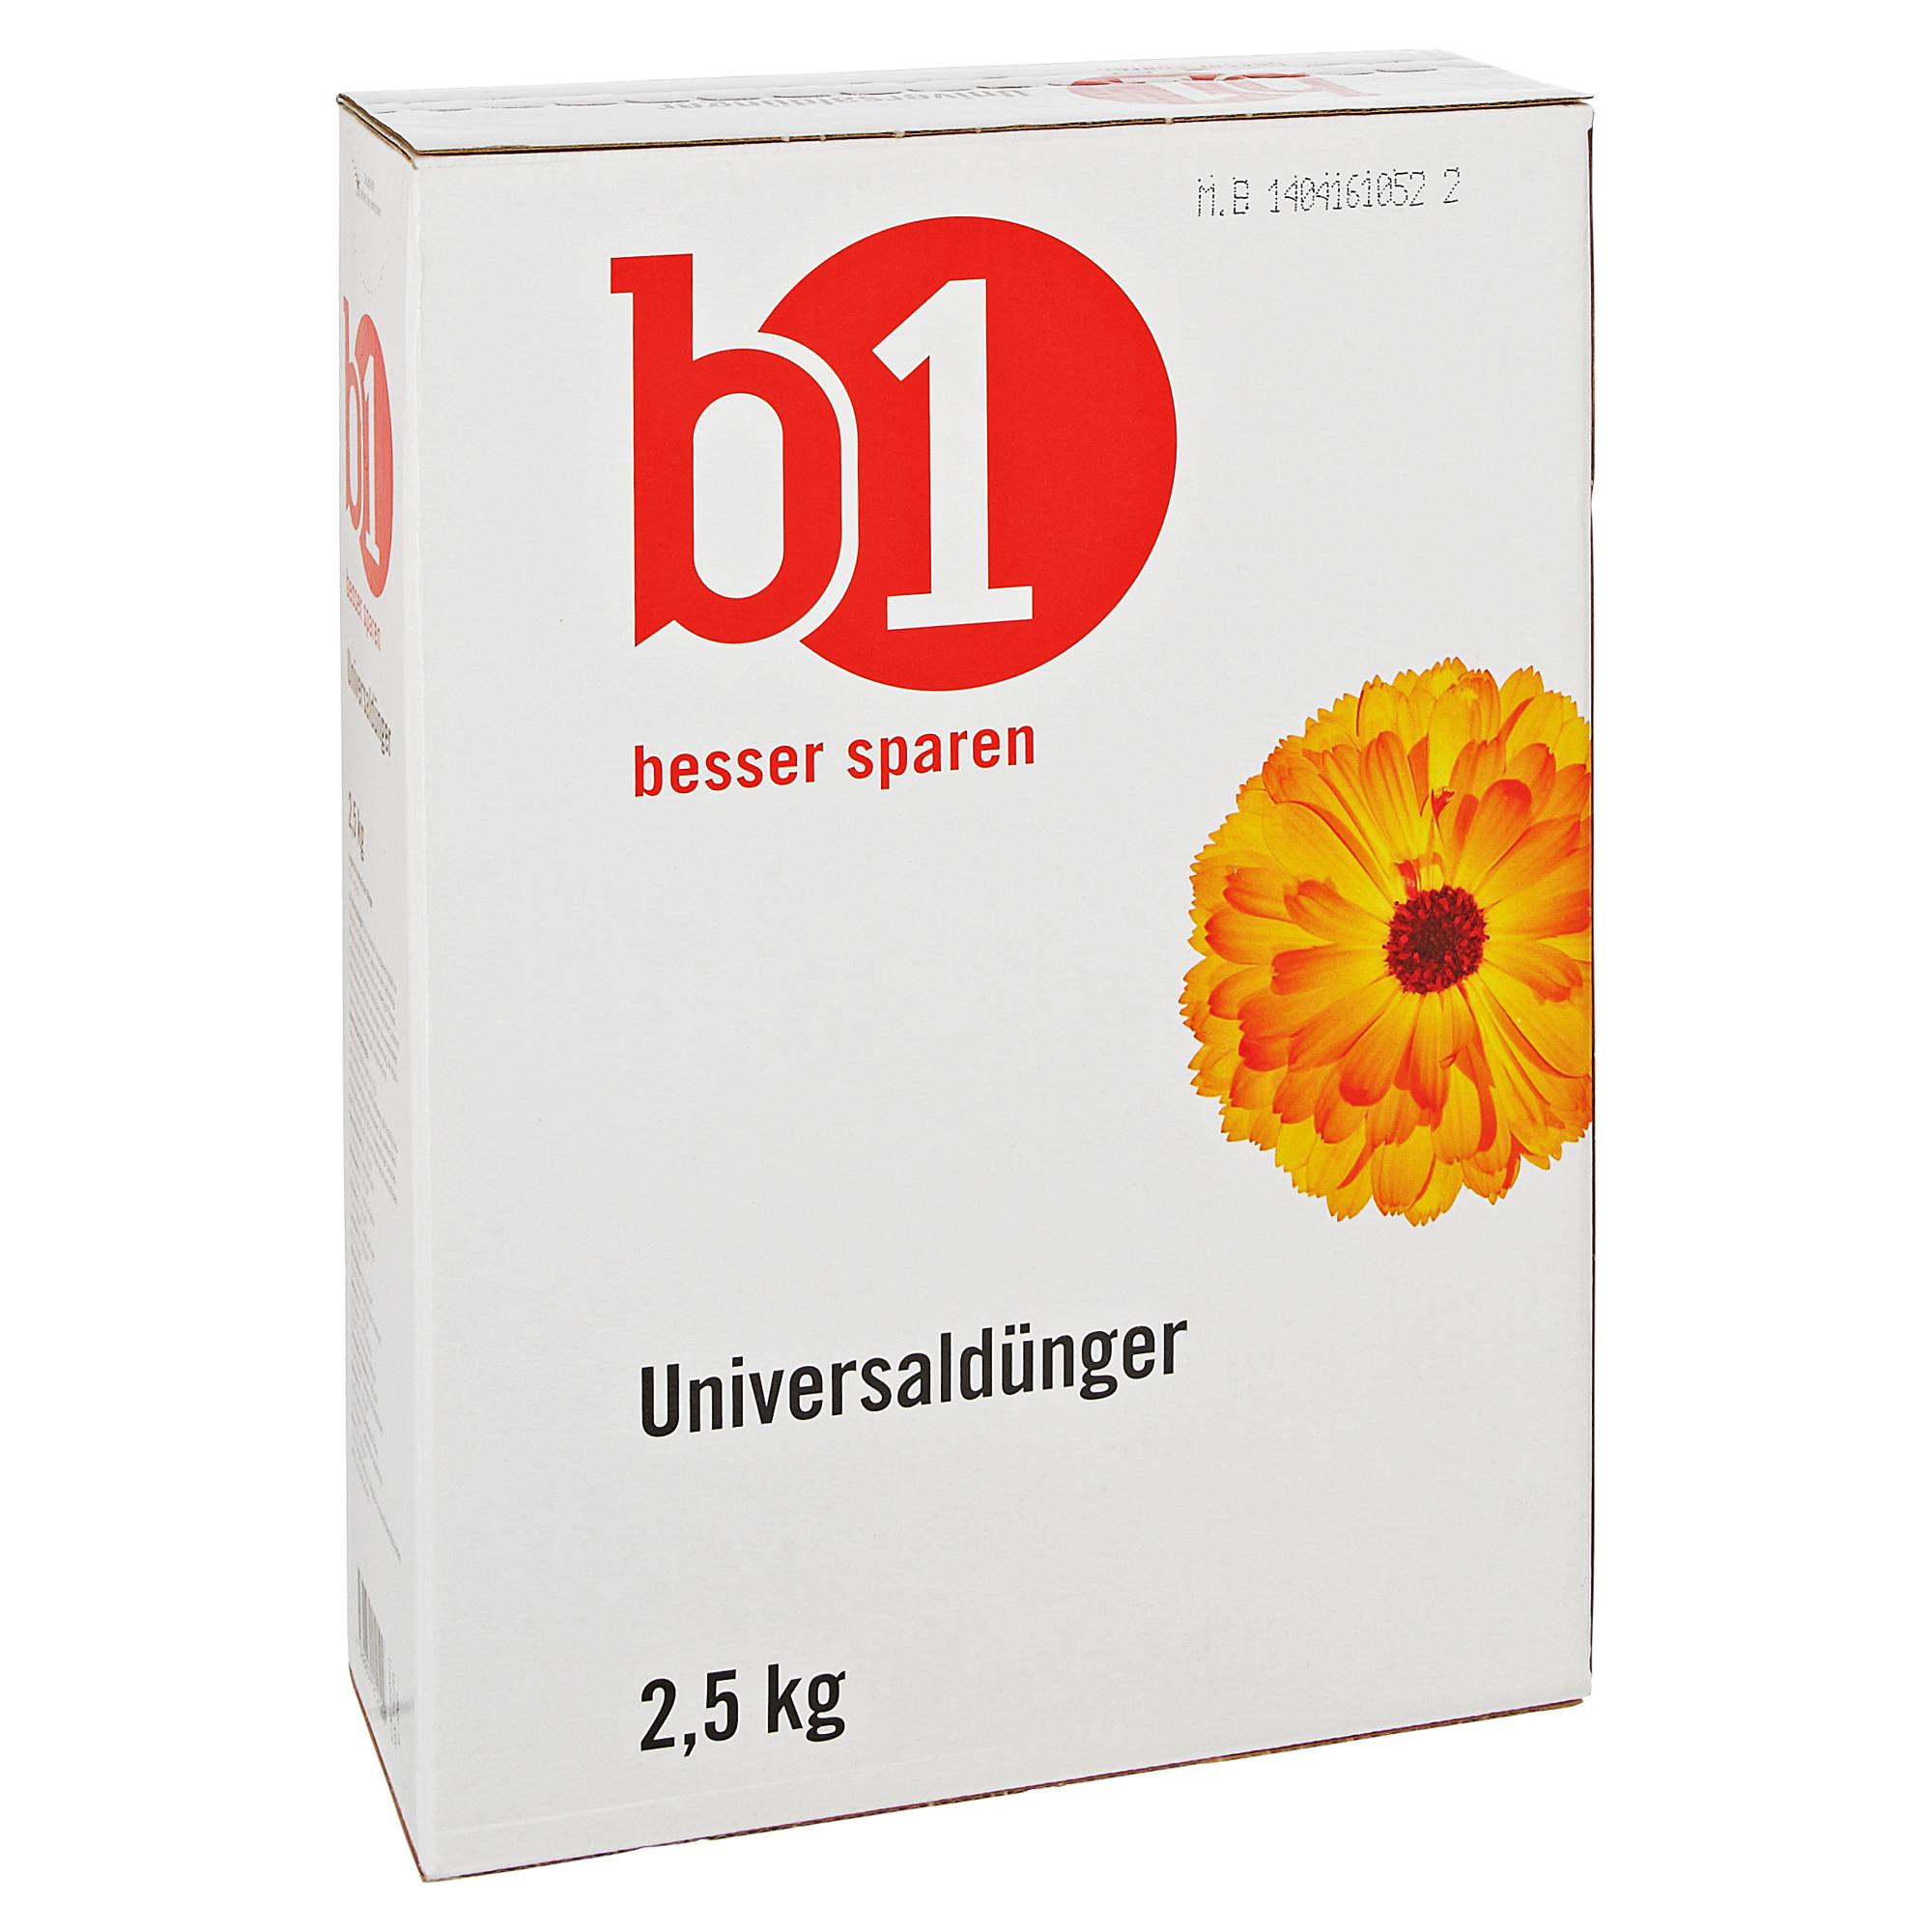 B1 Universaldünger 2,5 kg